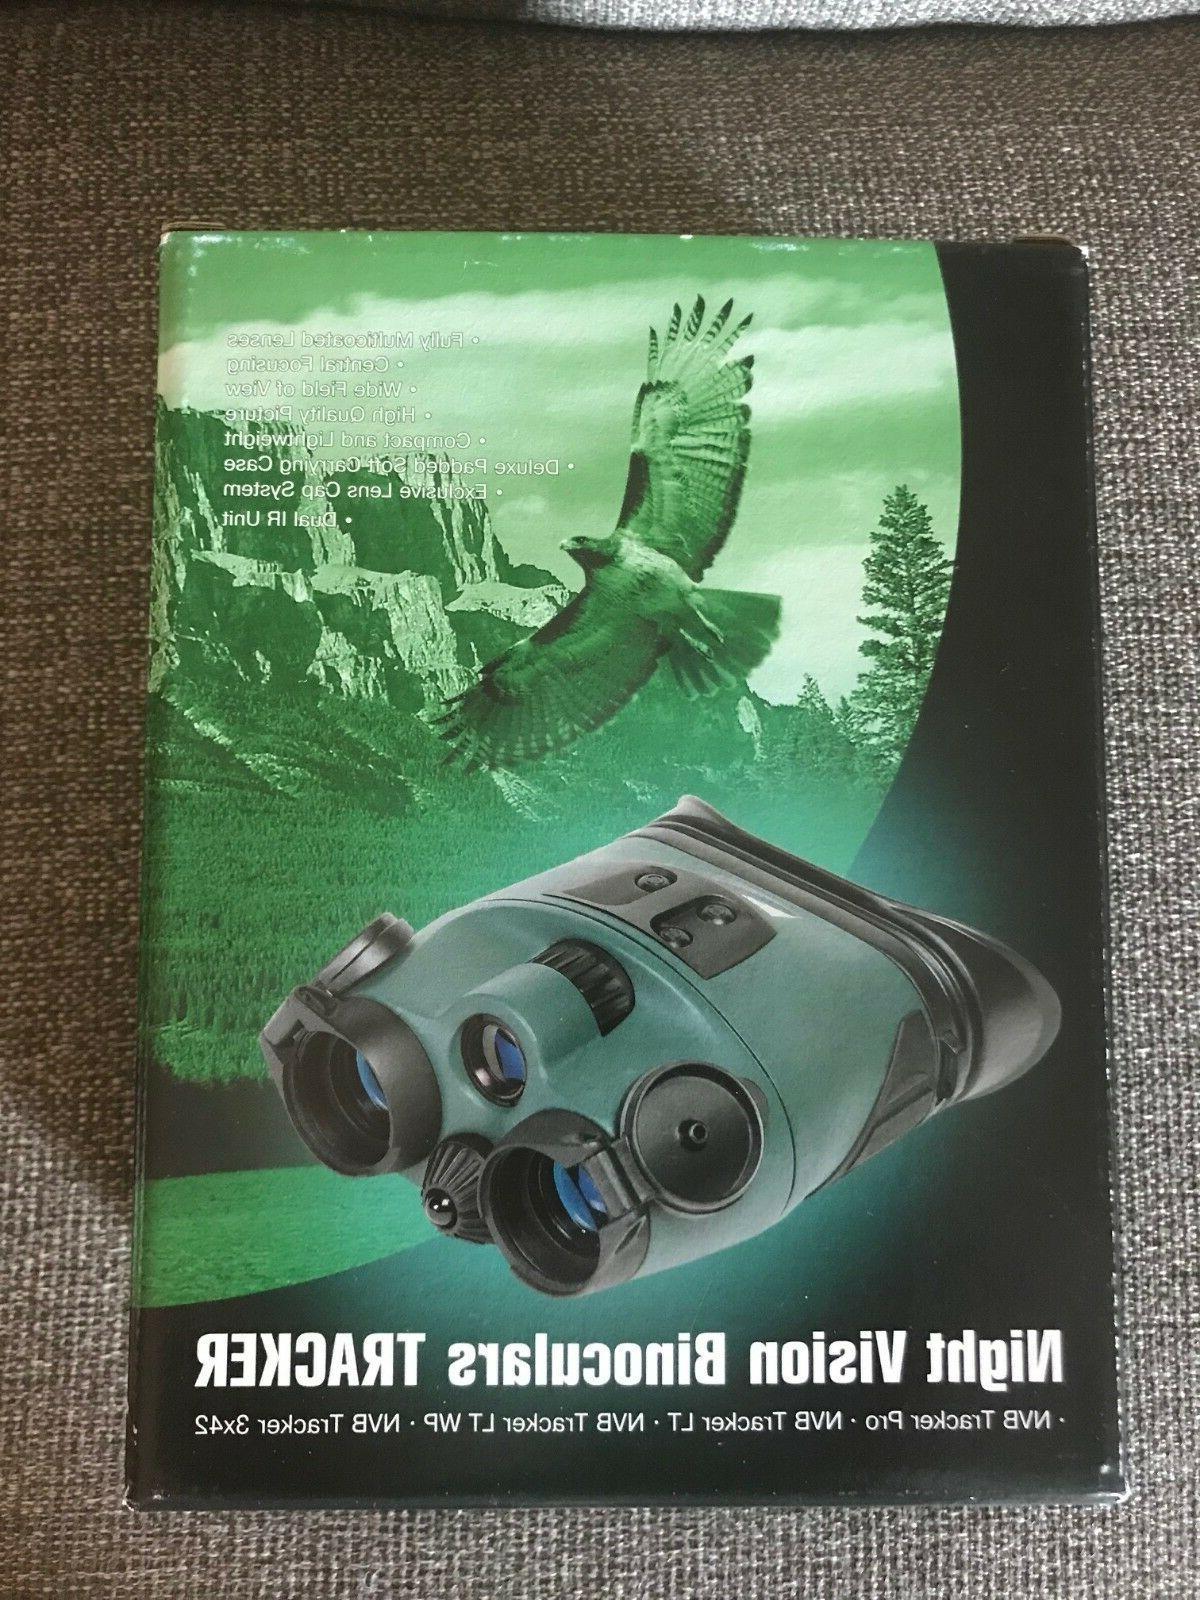 Yukon YK5022 Tracker Pro 2x24 Night Vision Binoculars